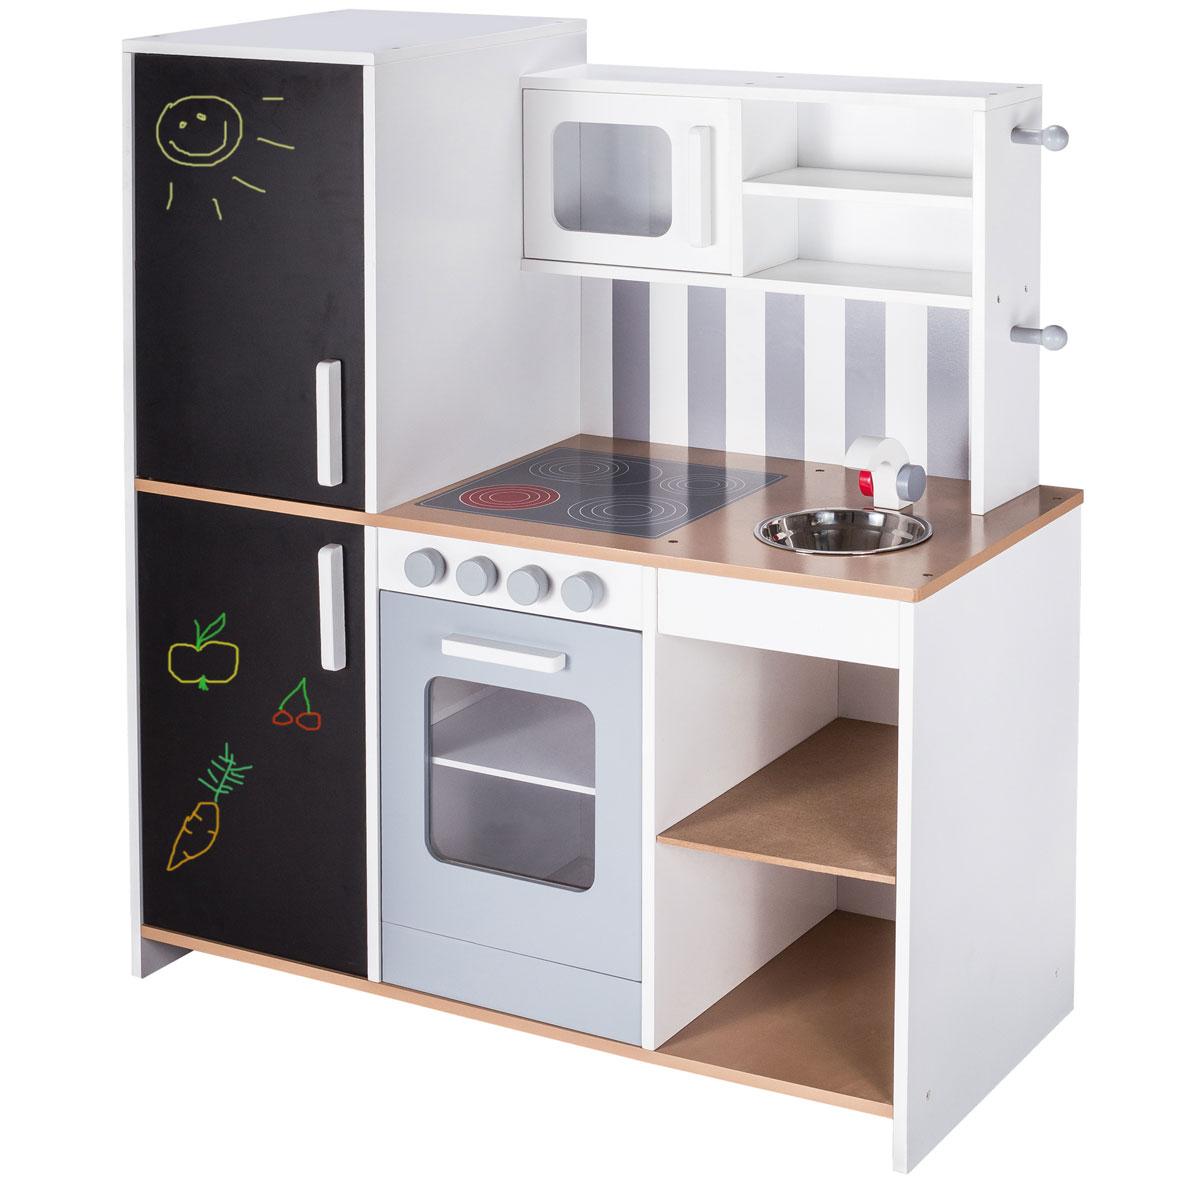 Roba kinderkuche aus holz mit kreidetafel 480225 pirum for Kinderküche aus holz